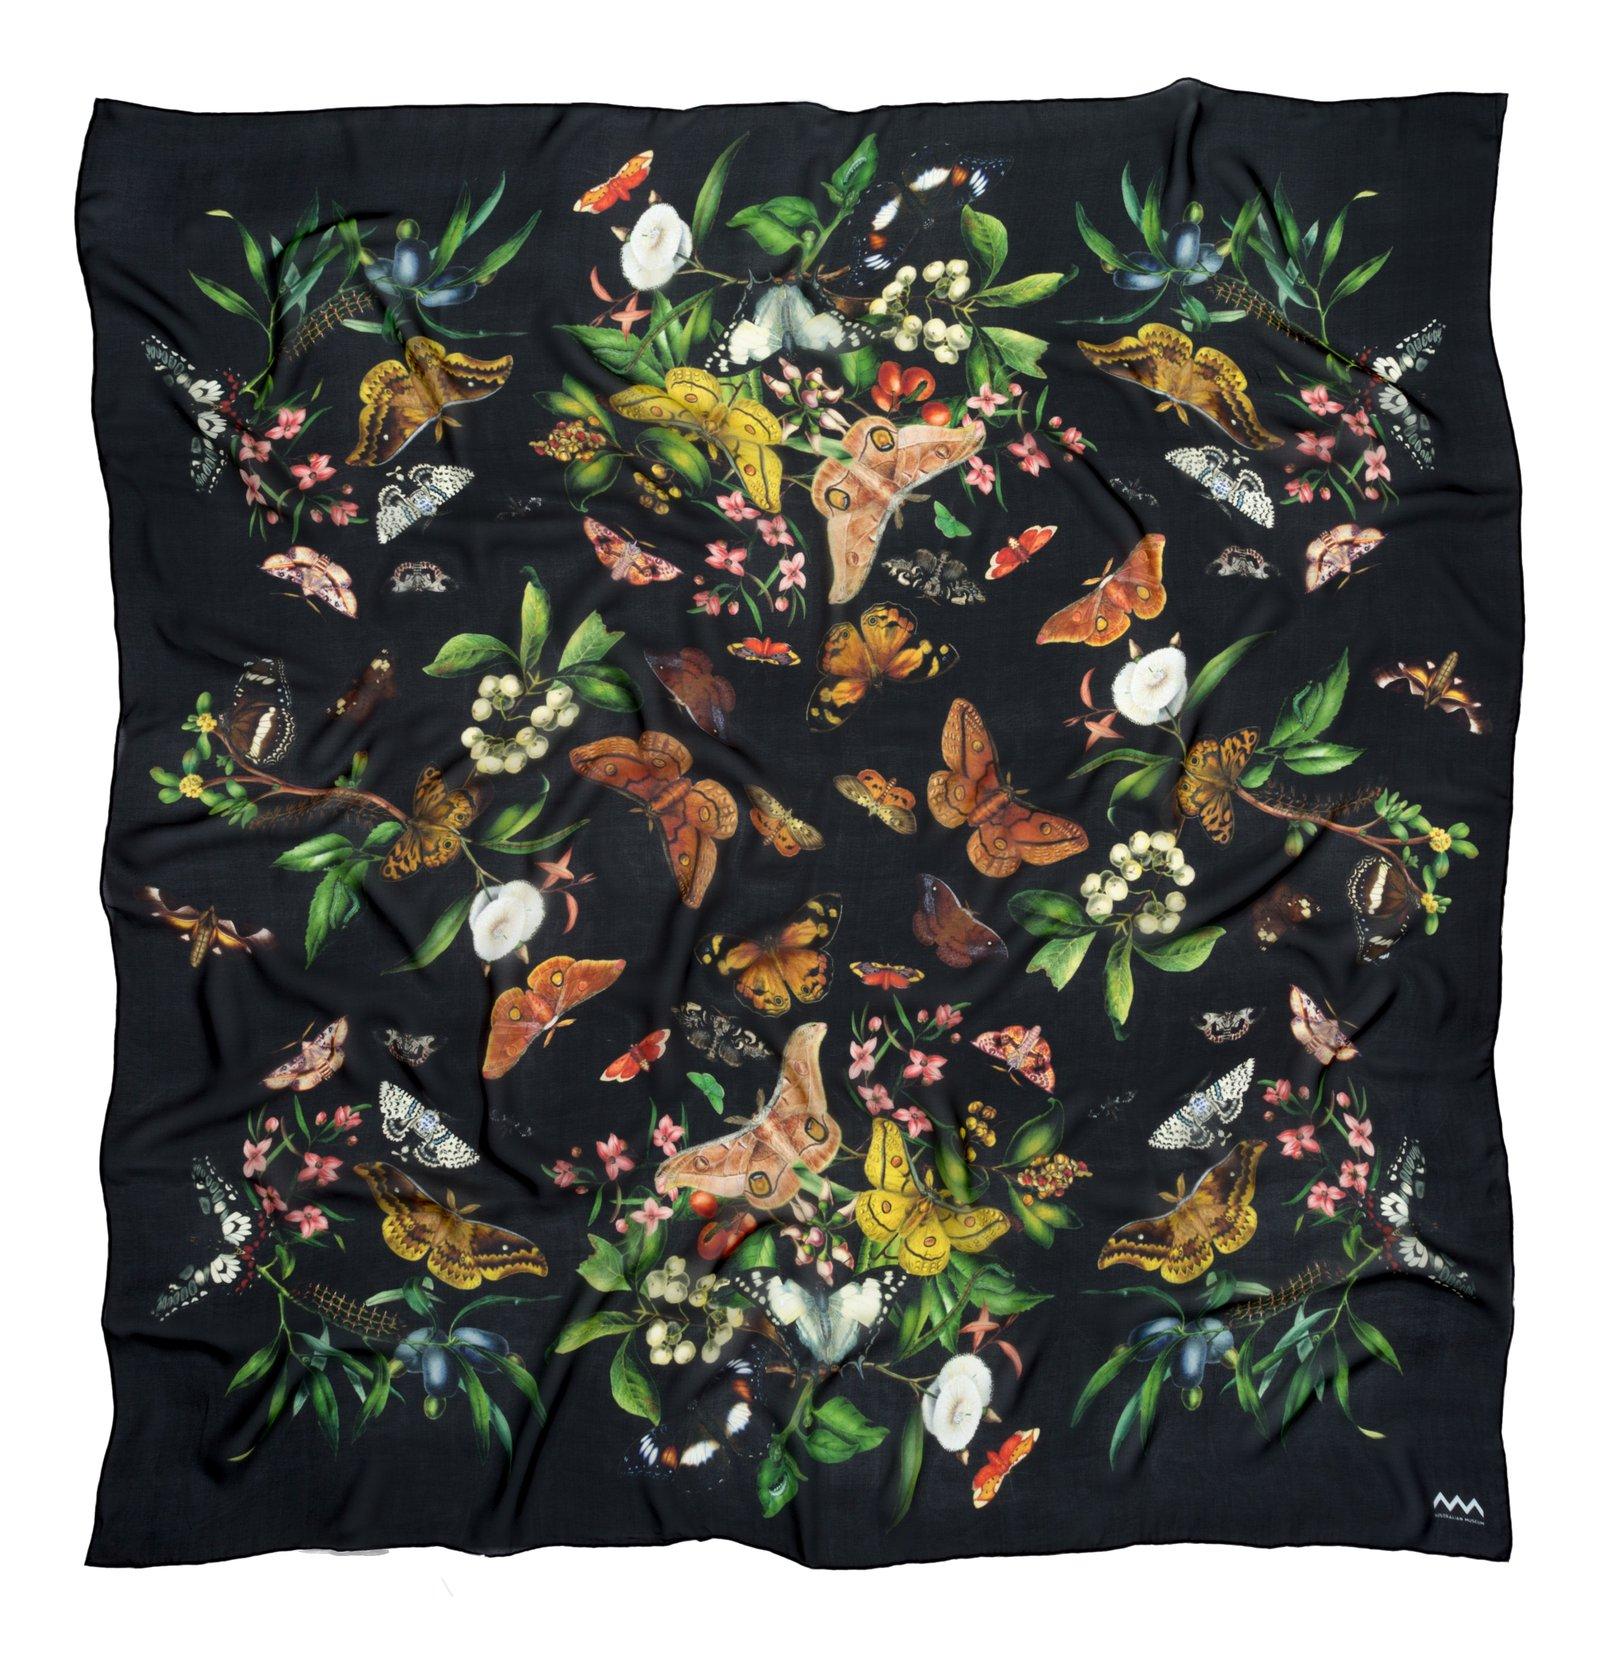 Scott Sisters' silk scarf in black